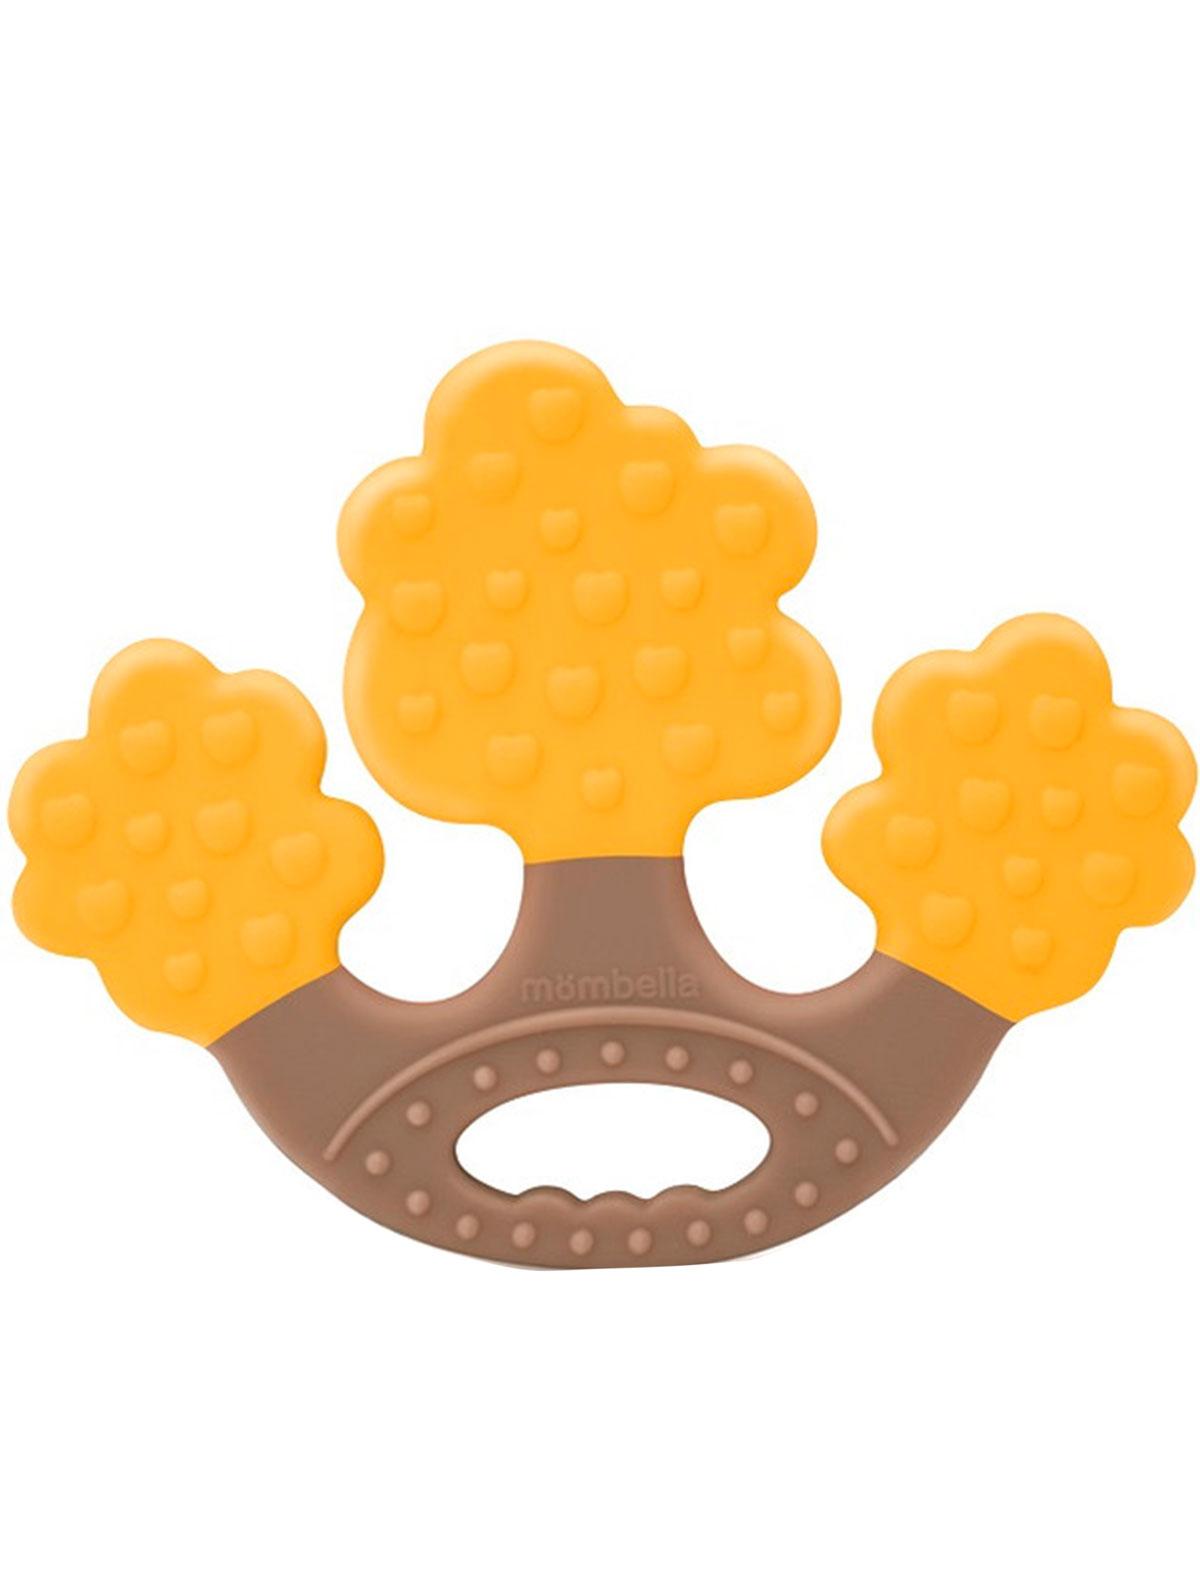 Купить 2217961, Прорезыватель для зубов Mombella, желтый, 5644520070348